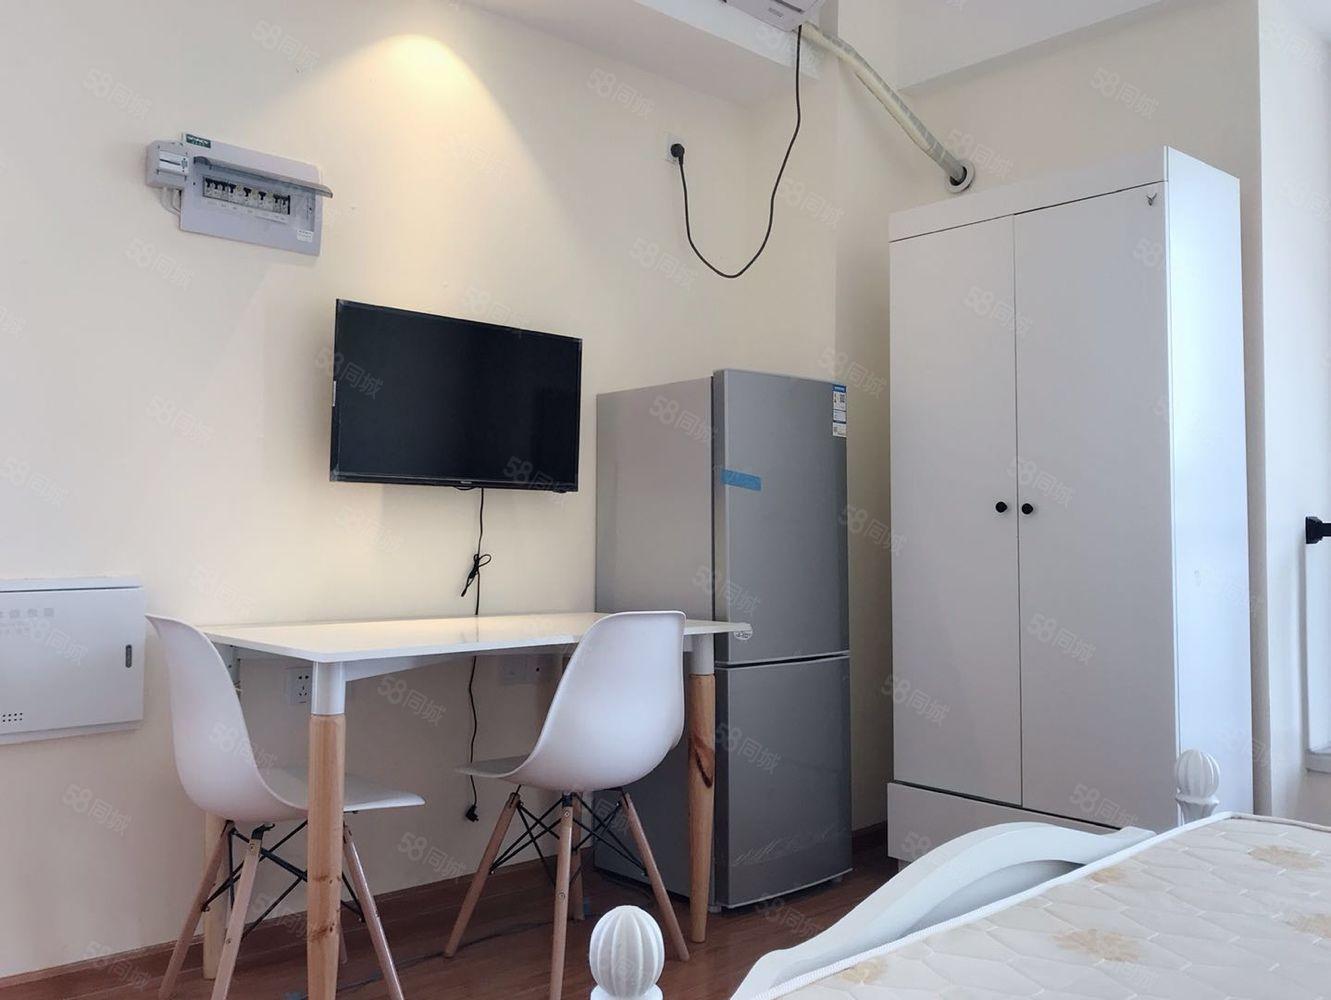 萬達廣場公寓精裝修一室單身公寓家具家電齊全